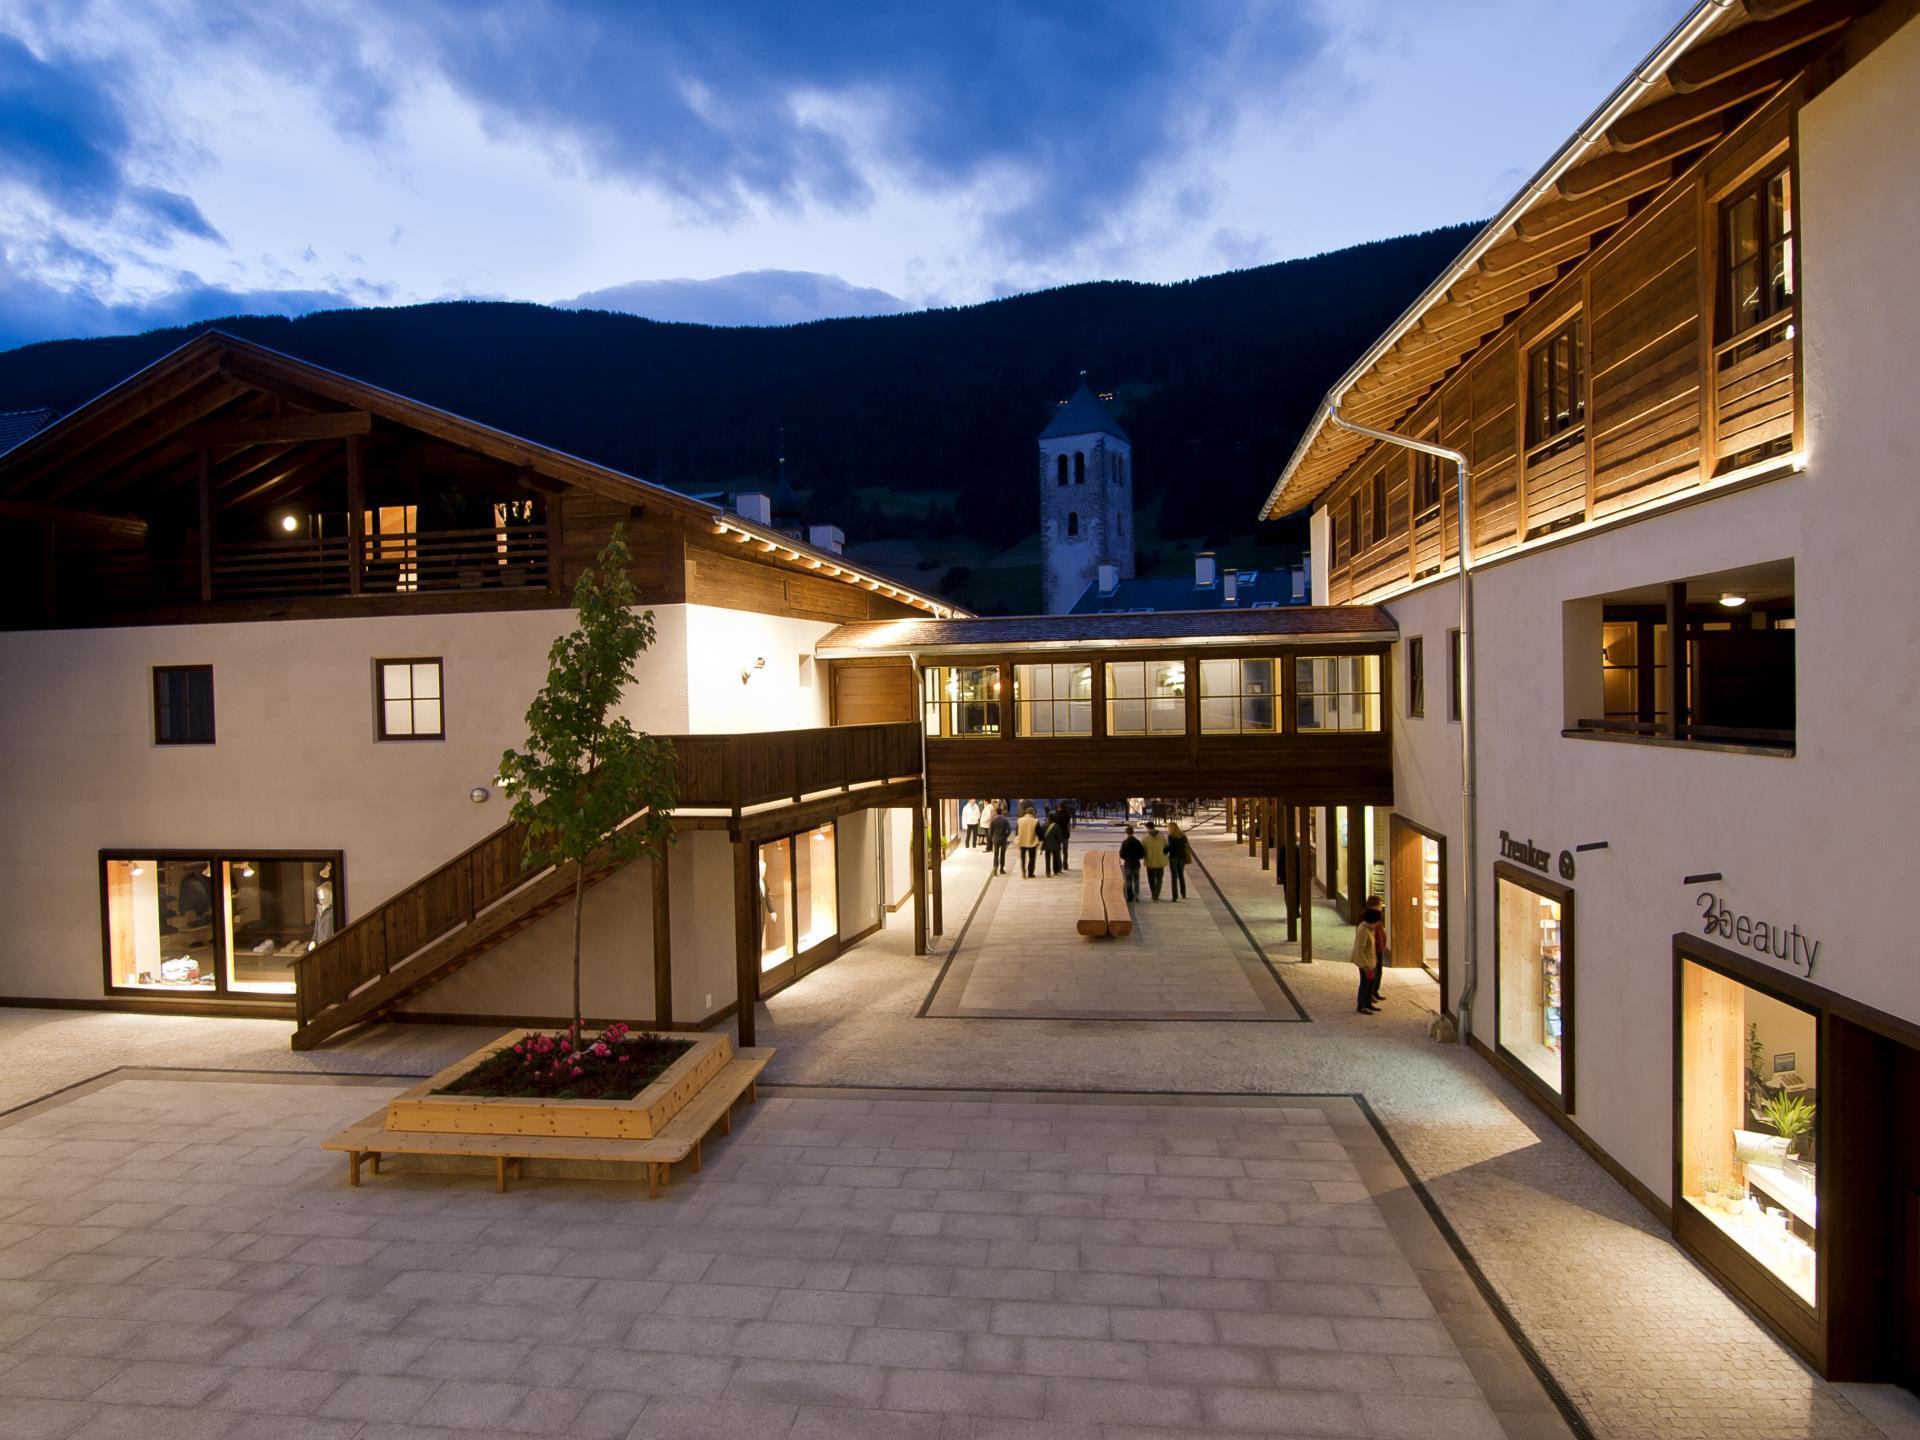 Traumhaft! Urlaub in einem Südtiroler Bauernhaus